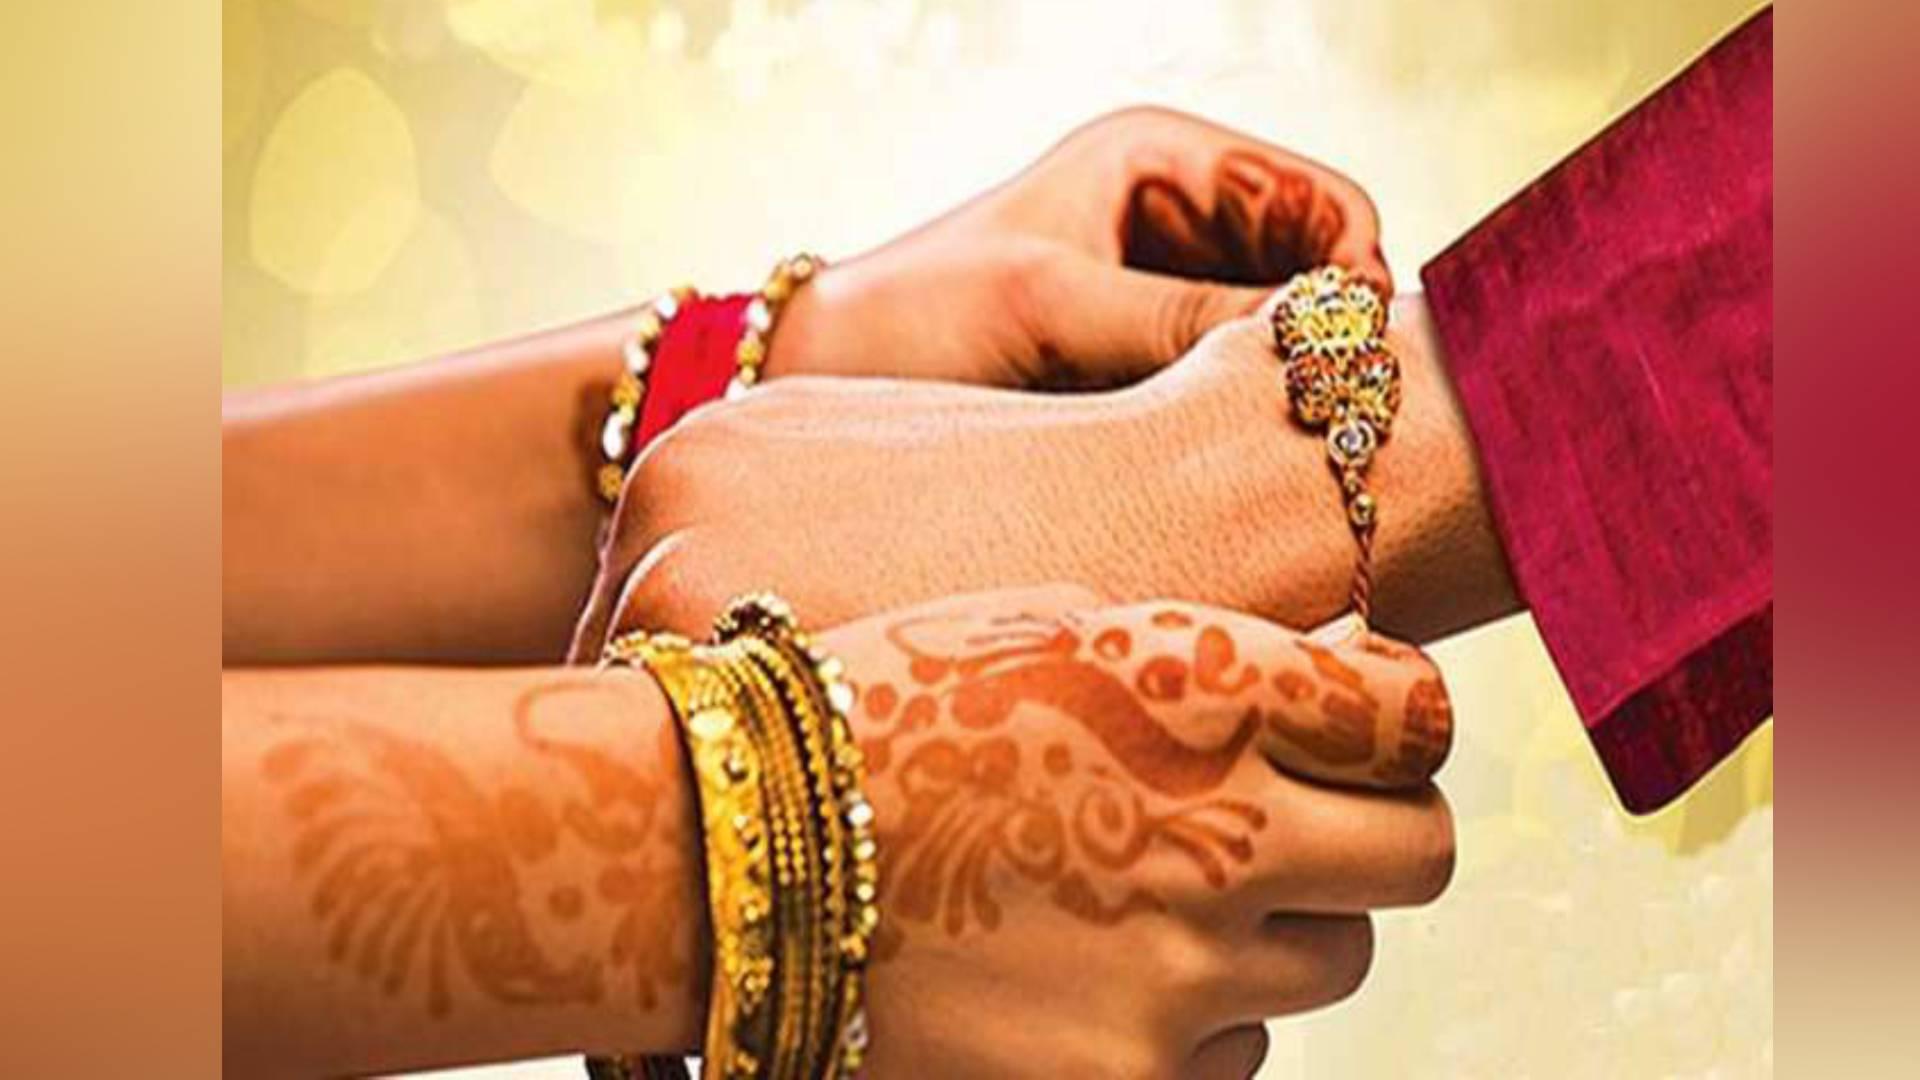 Raksha Bandhan 2019: जानिए भाई की कलाई पर राखी बांधने का शुभ मुहूर्त, कैसे शुरू हुई ये परंपरा